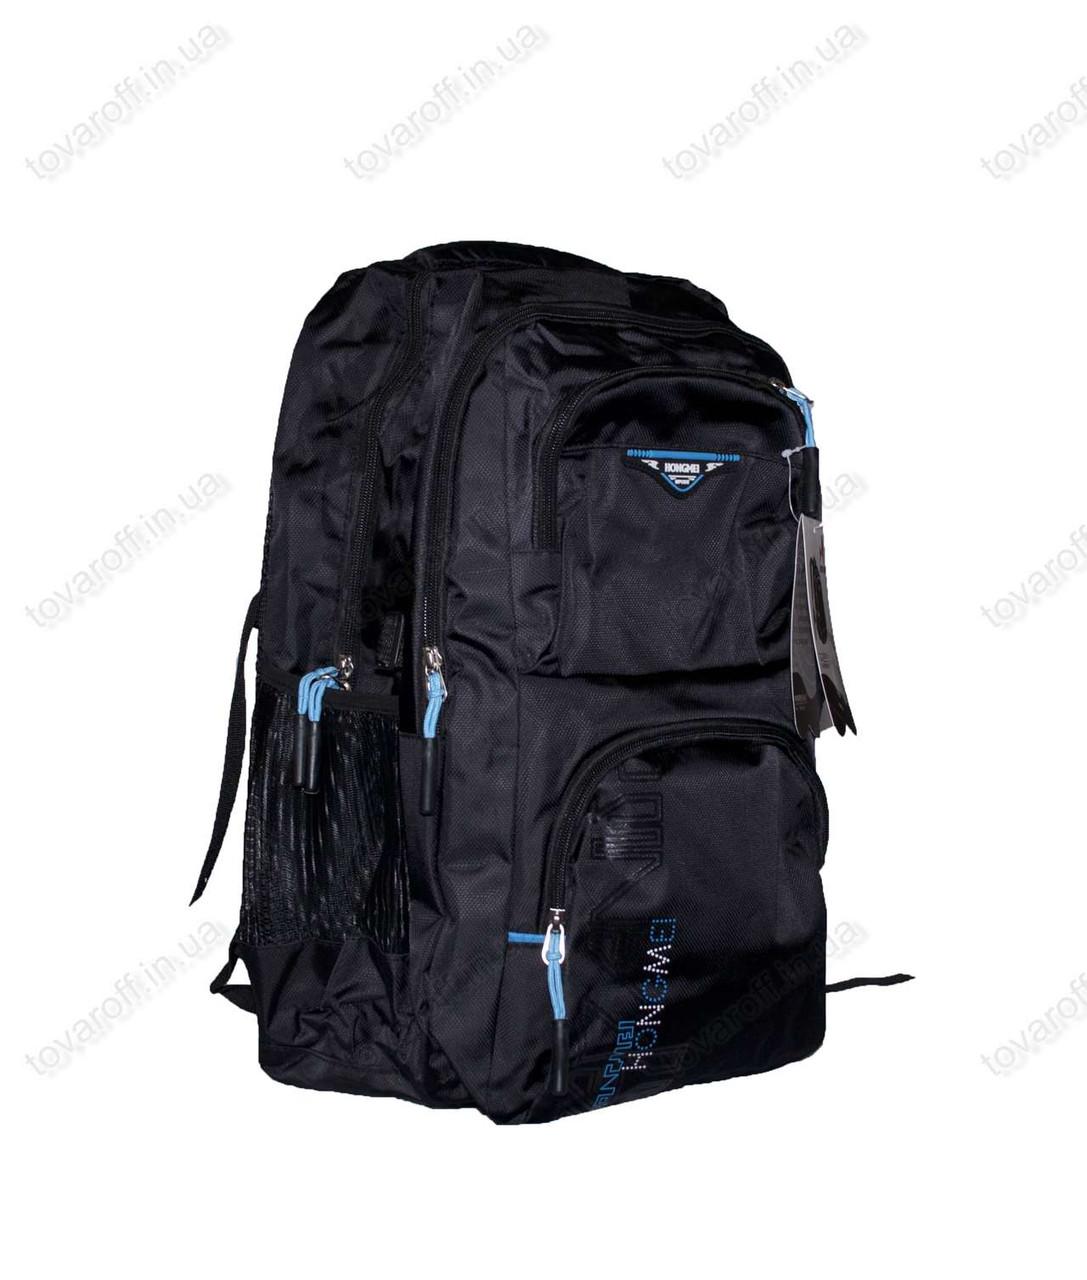 Оптом рюкзак школьный/спортивный - Черно-голубой - 8008